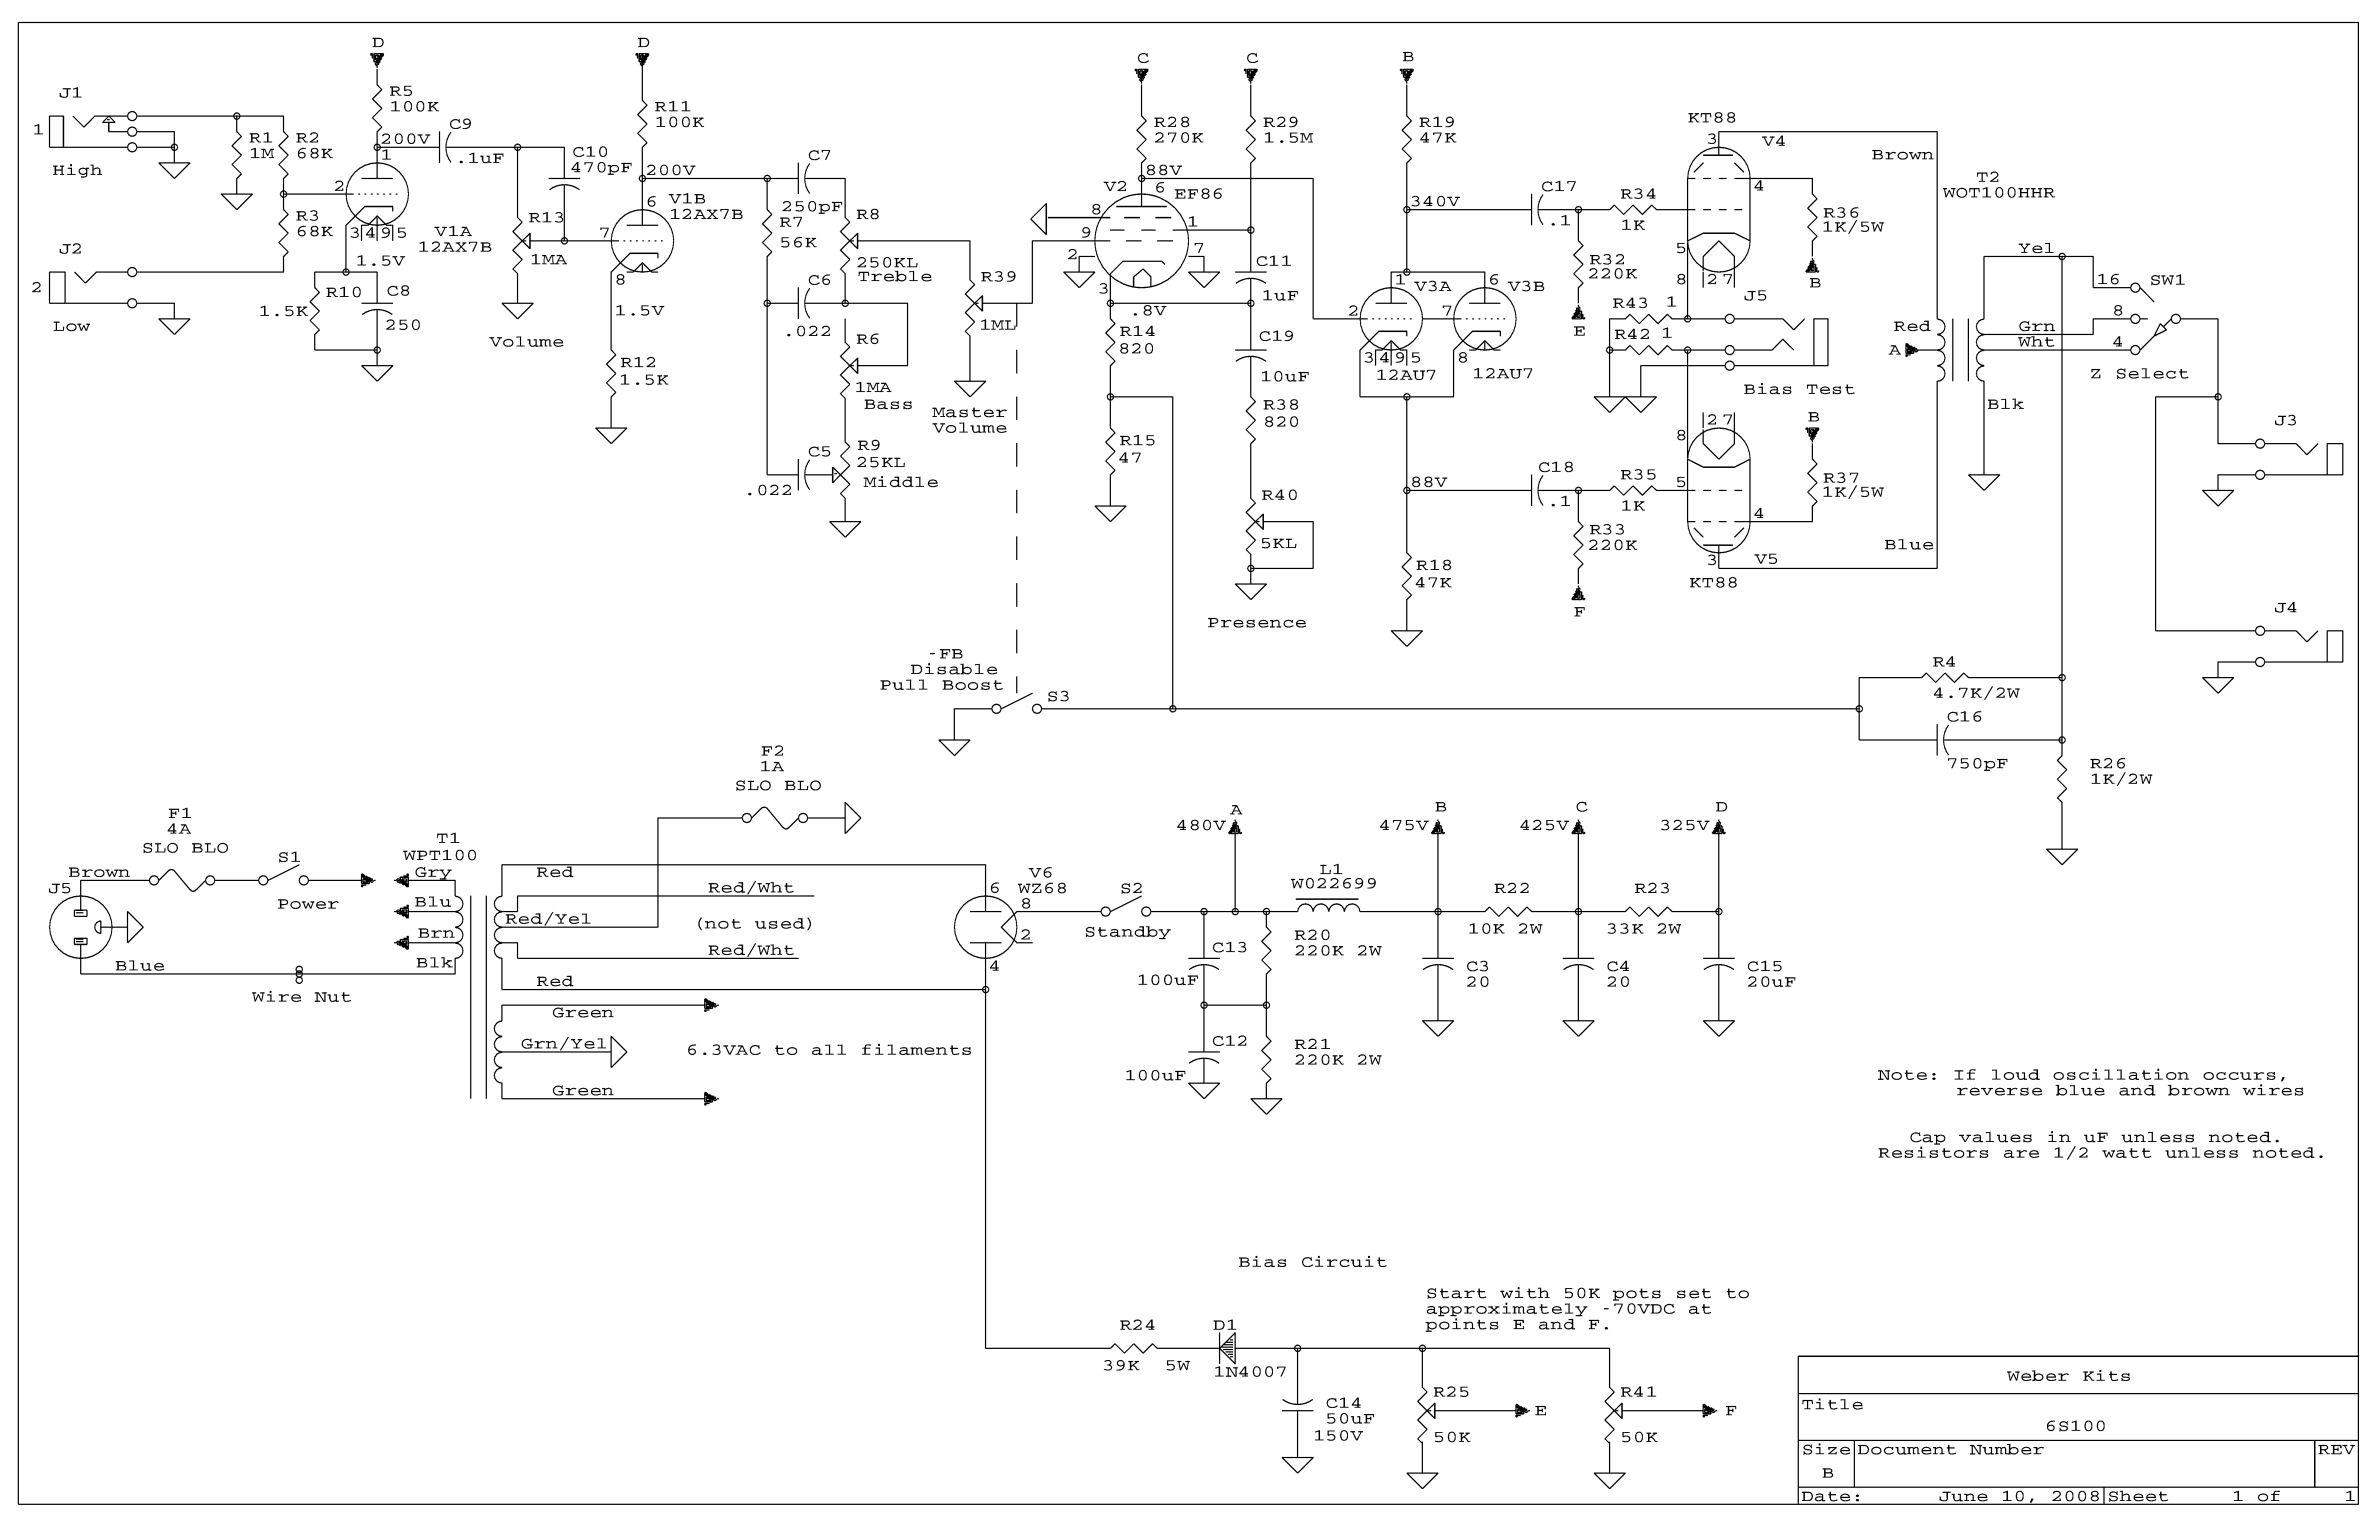 sunn amp schematic 6s100 amp kit  6s100 amp kit